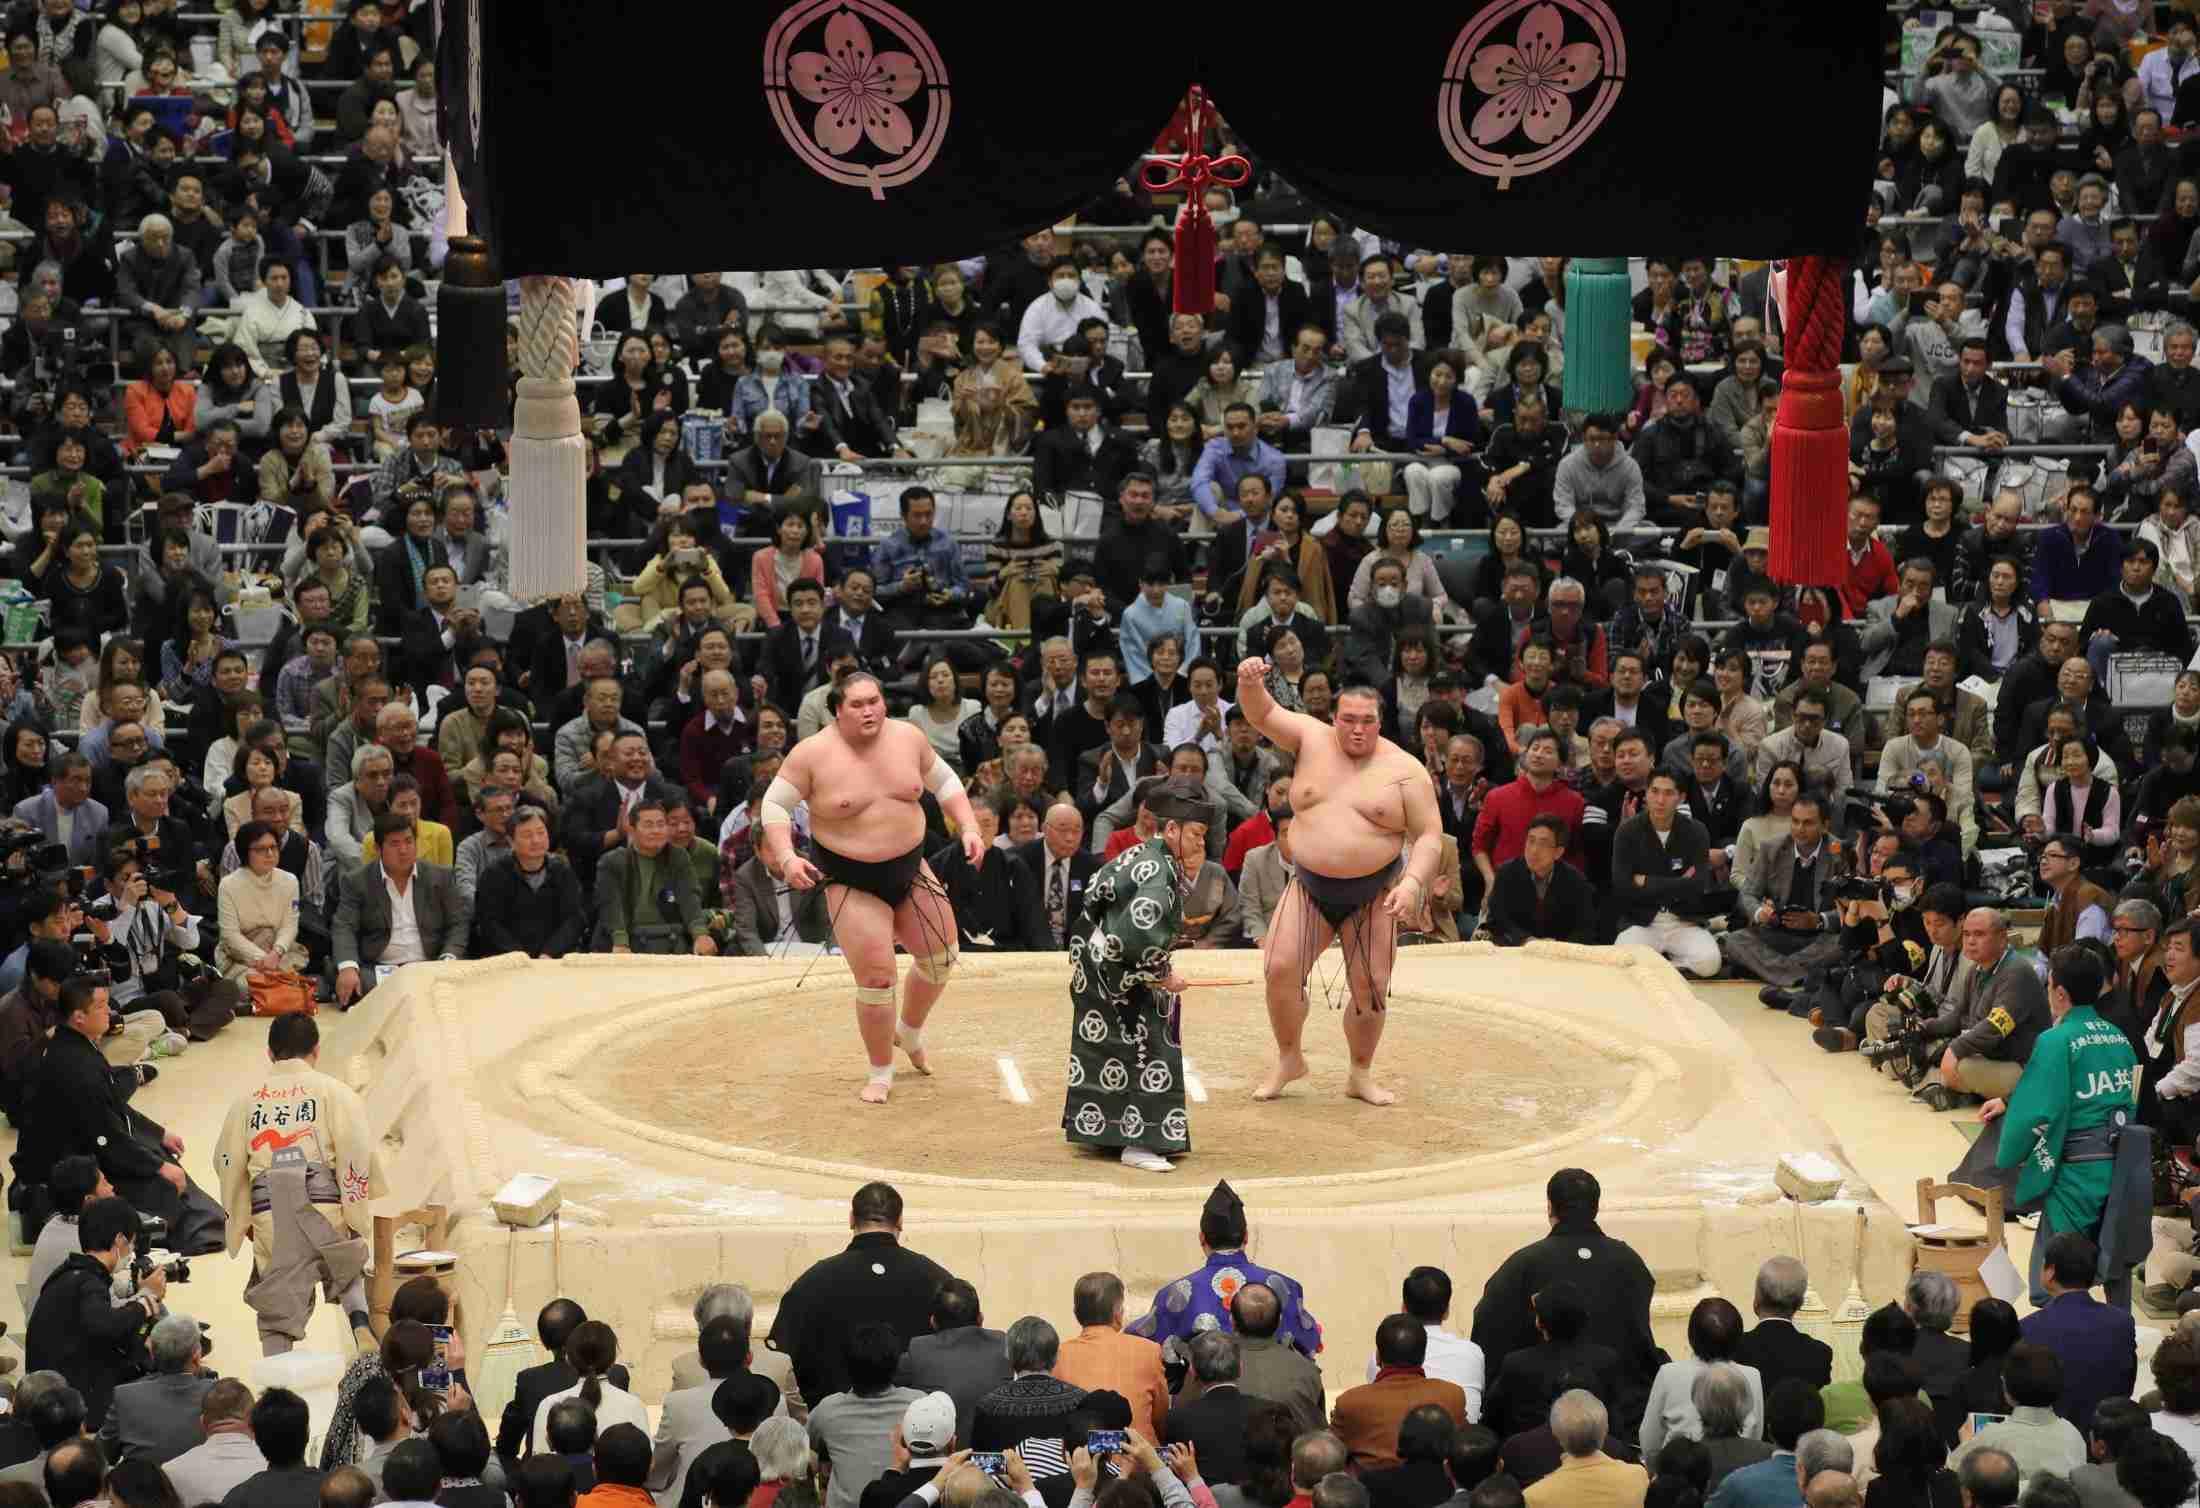 照ノ富士への「モンゴル帰れ」に広がる波紋 相撲協会の対応は? (BuzzFeed Japan) - Yahoo!ニュース